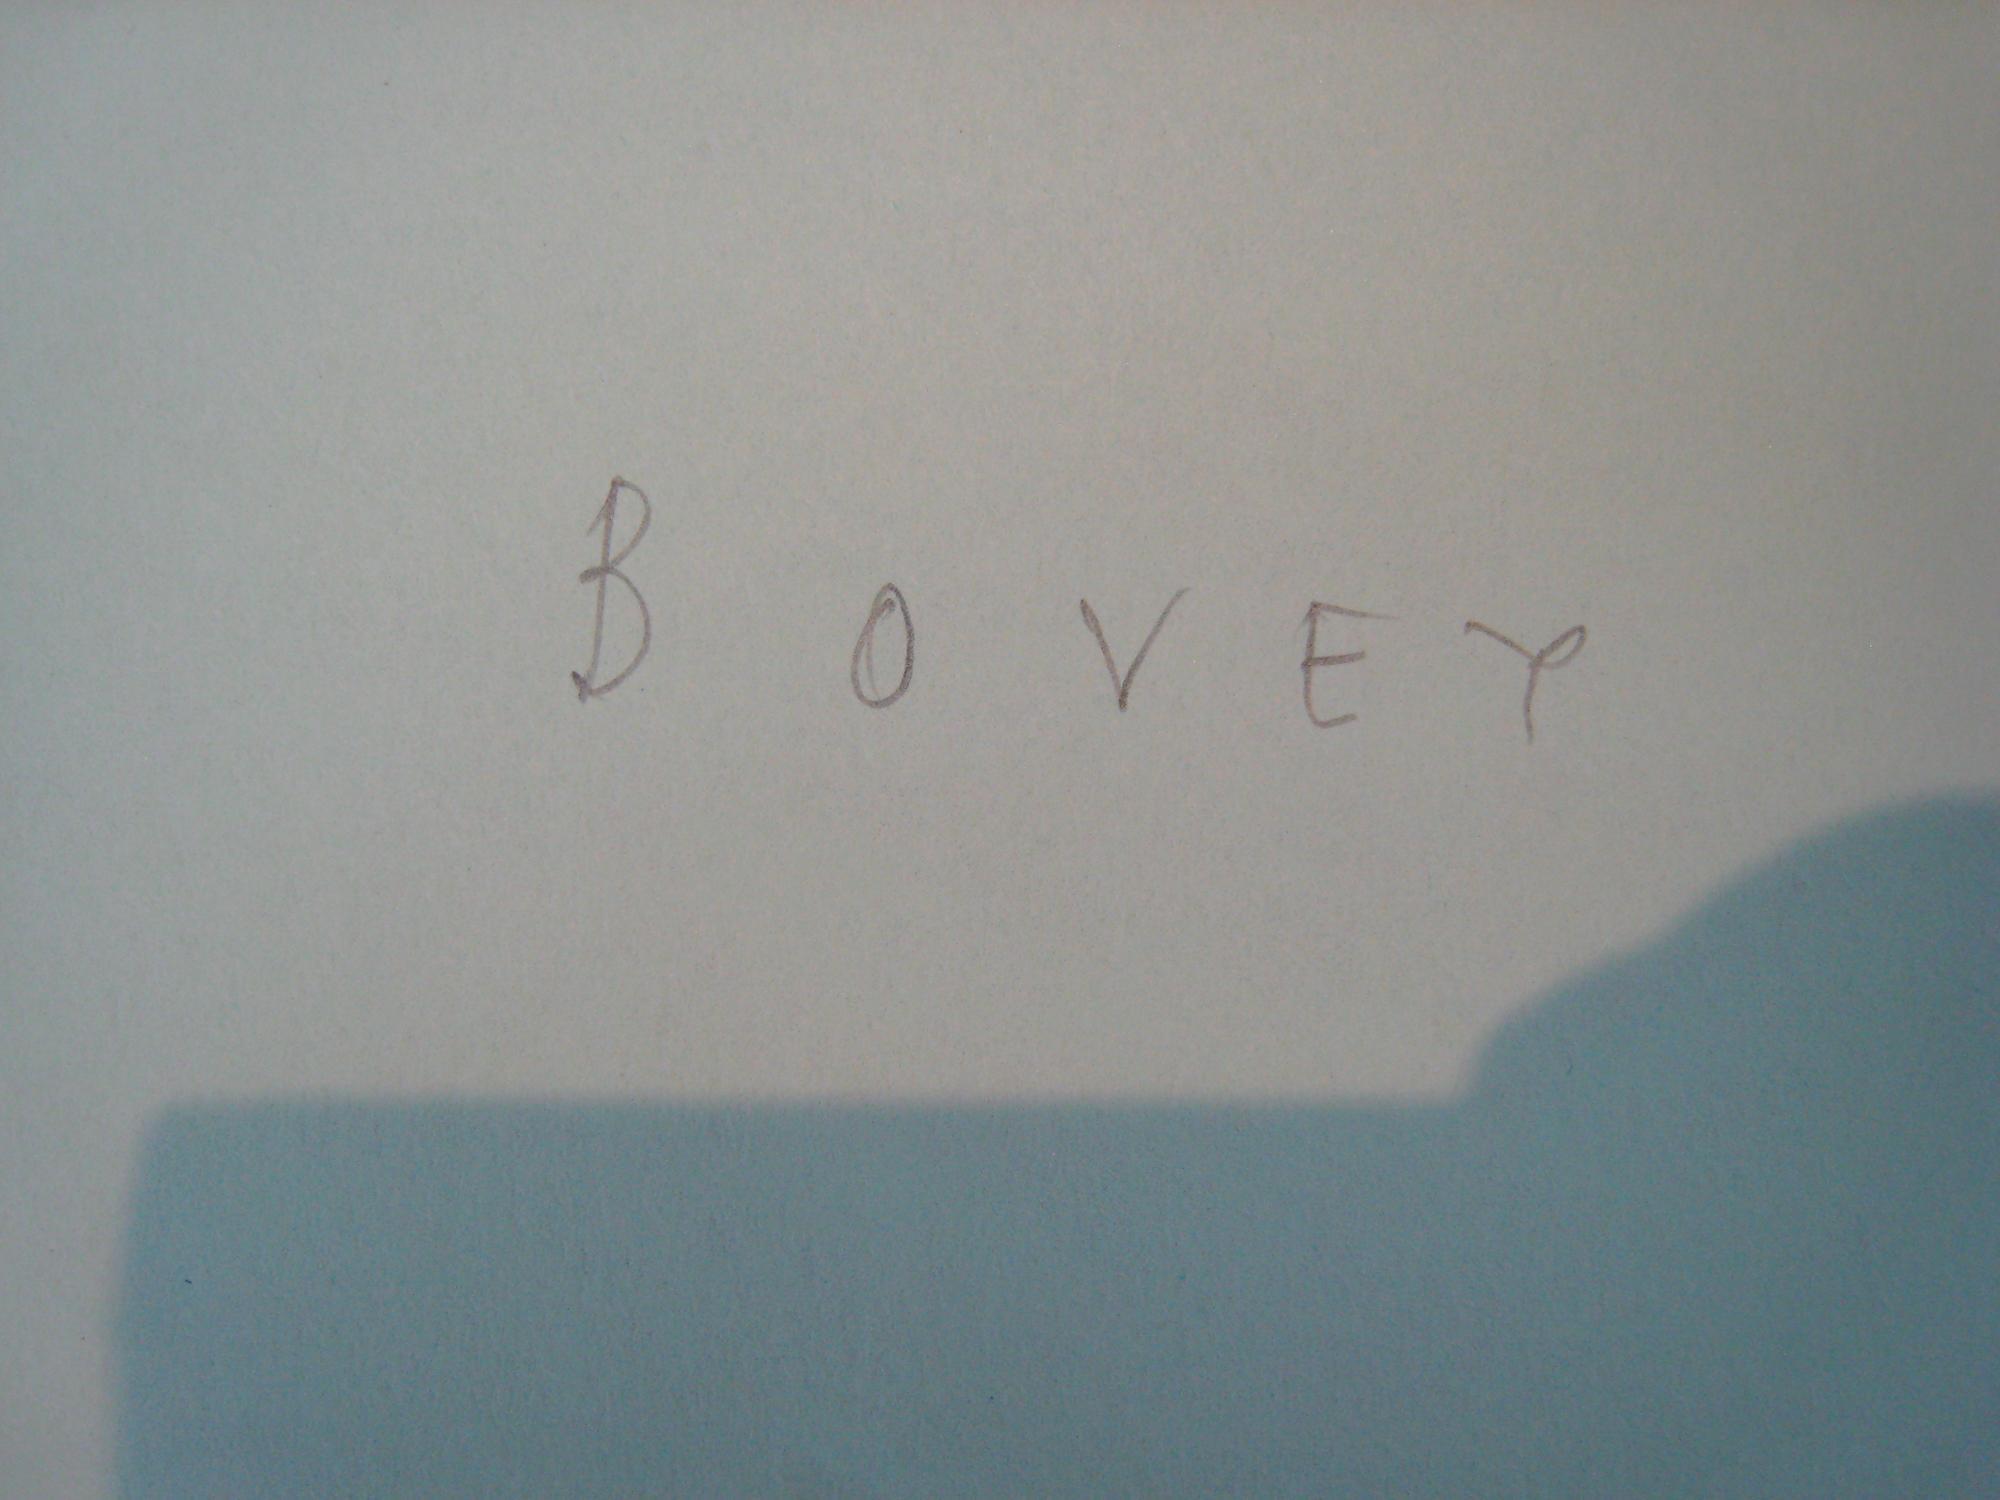 Bovey Farm - title slide